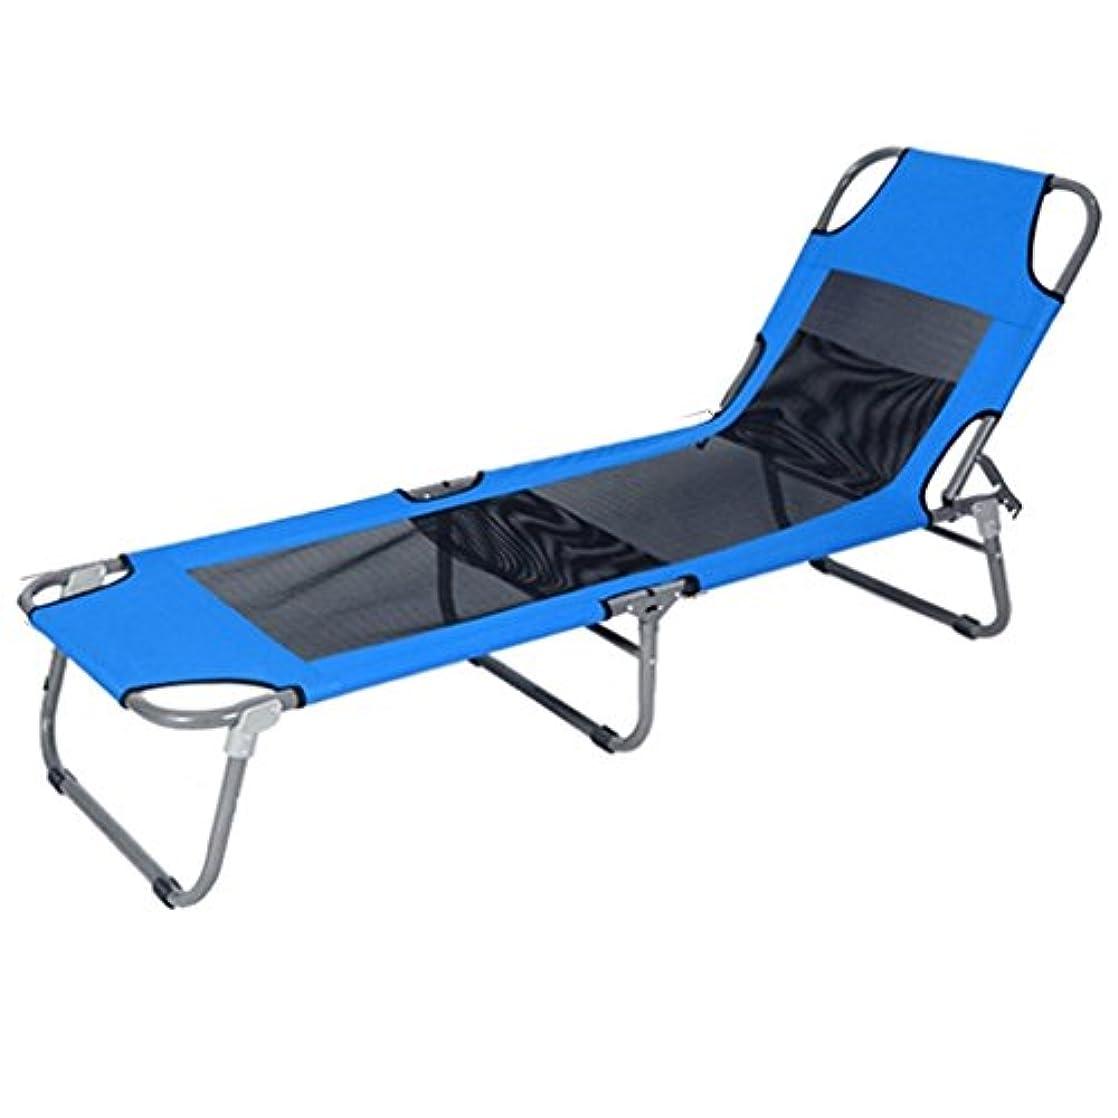 電気征服者繊維折りたたみ式ベッド 折りたたみベッドシングルベッドシエスタベッドシンプルな布ベッドキャビンベッド同行ベッド (Color : Blue, Size : 194*63*29cm)